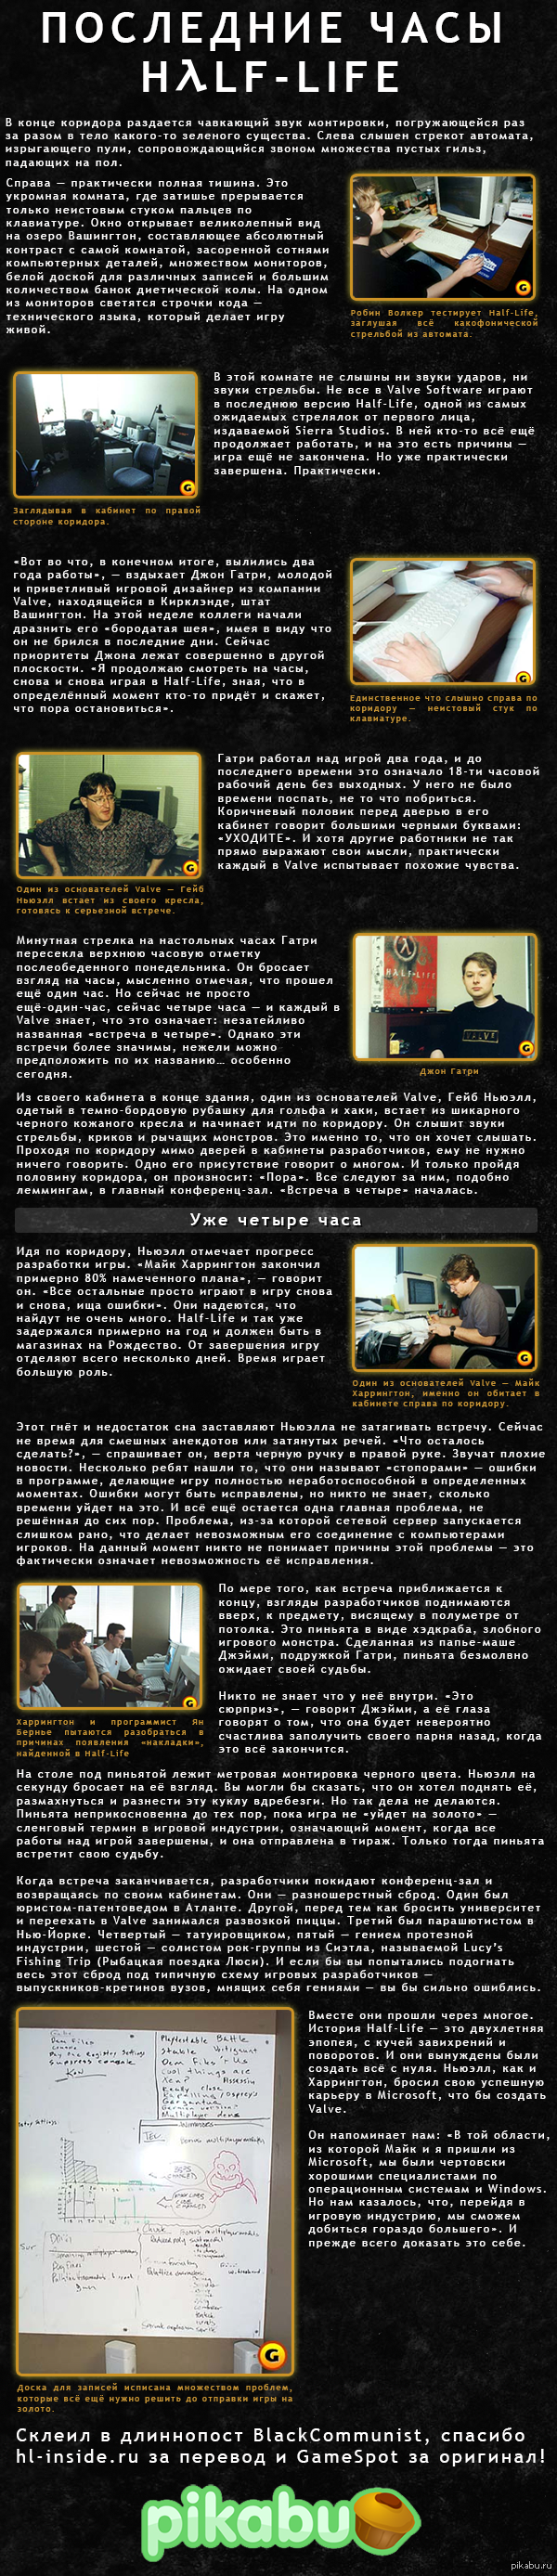 Последние часы Half-Life. Предисловие